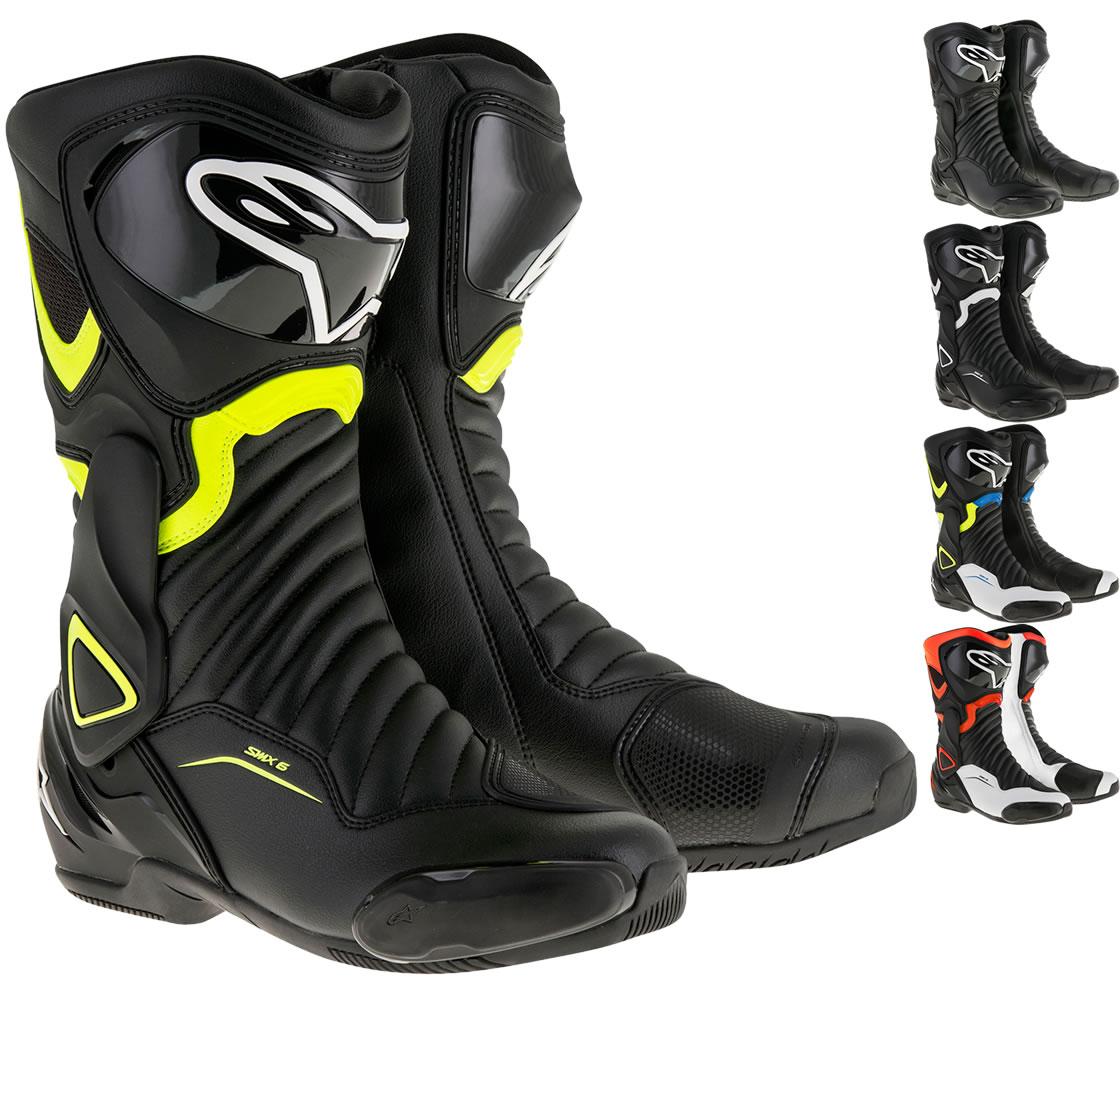 alpinestars smx 6 v2 motorcycle boots new arrivals. Black Bedroom Furniture Sets. Home Design Ideas